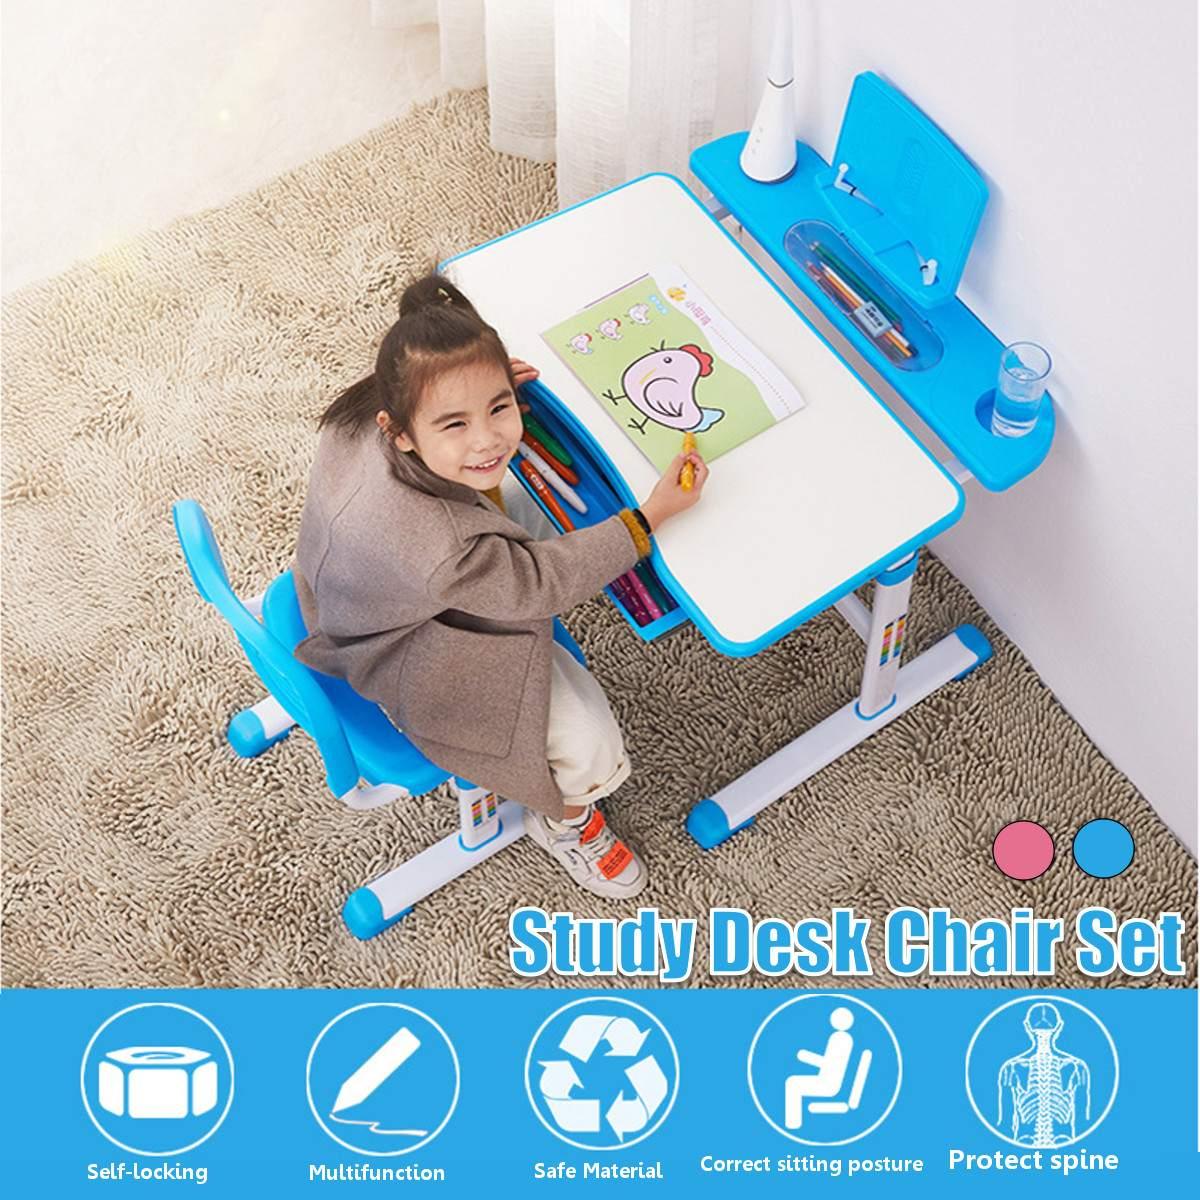 كرسي مكتب منزلي قابل للتعديل للأطفال ، مجموعة طاولة أنشطة فنية ، مكتب دراسة ، شحن سريع في الولايات المتحدة